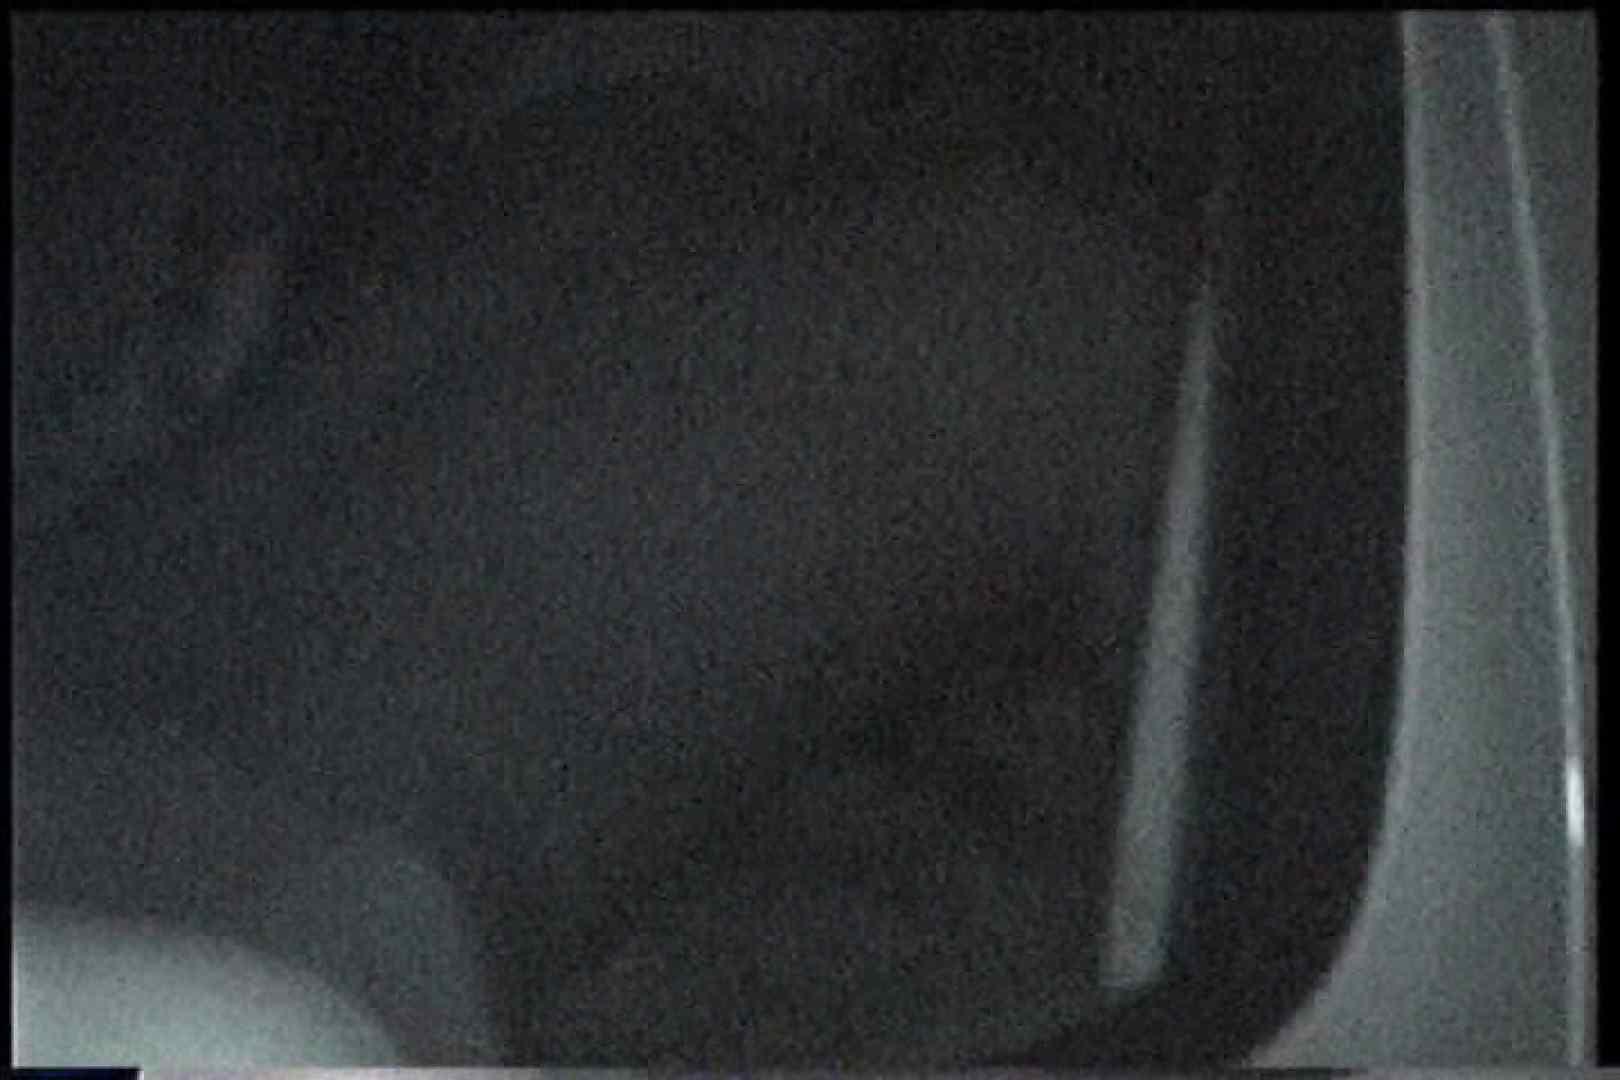 充血監督の深夜の運動会Vol.177 前編 OLセックス 盗み撮りオマンコ動画キャプチャ 79画像 74